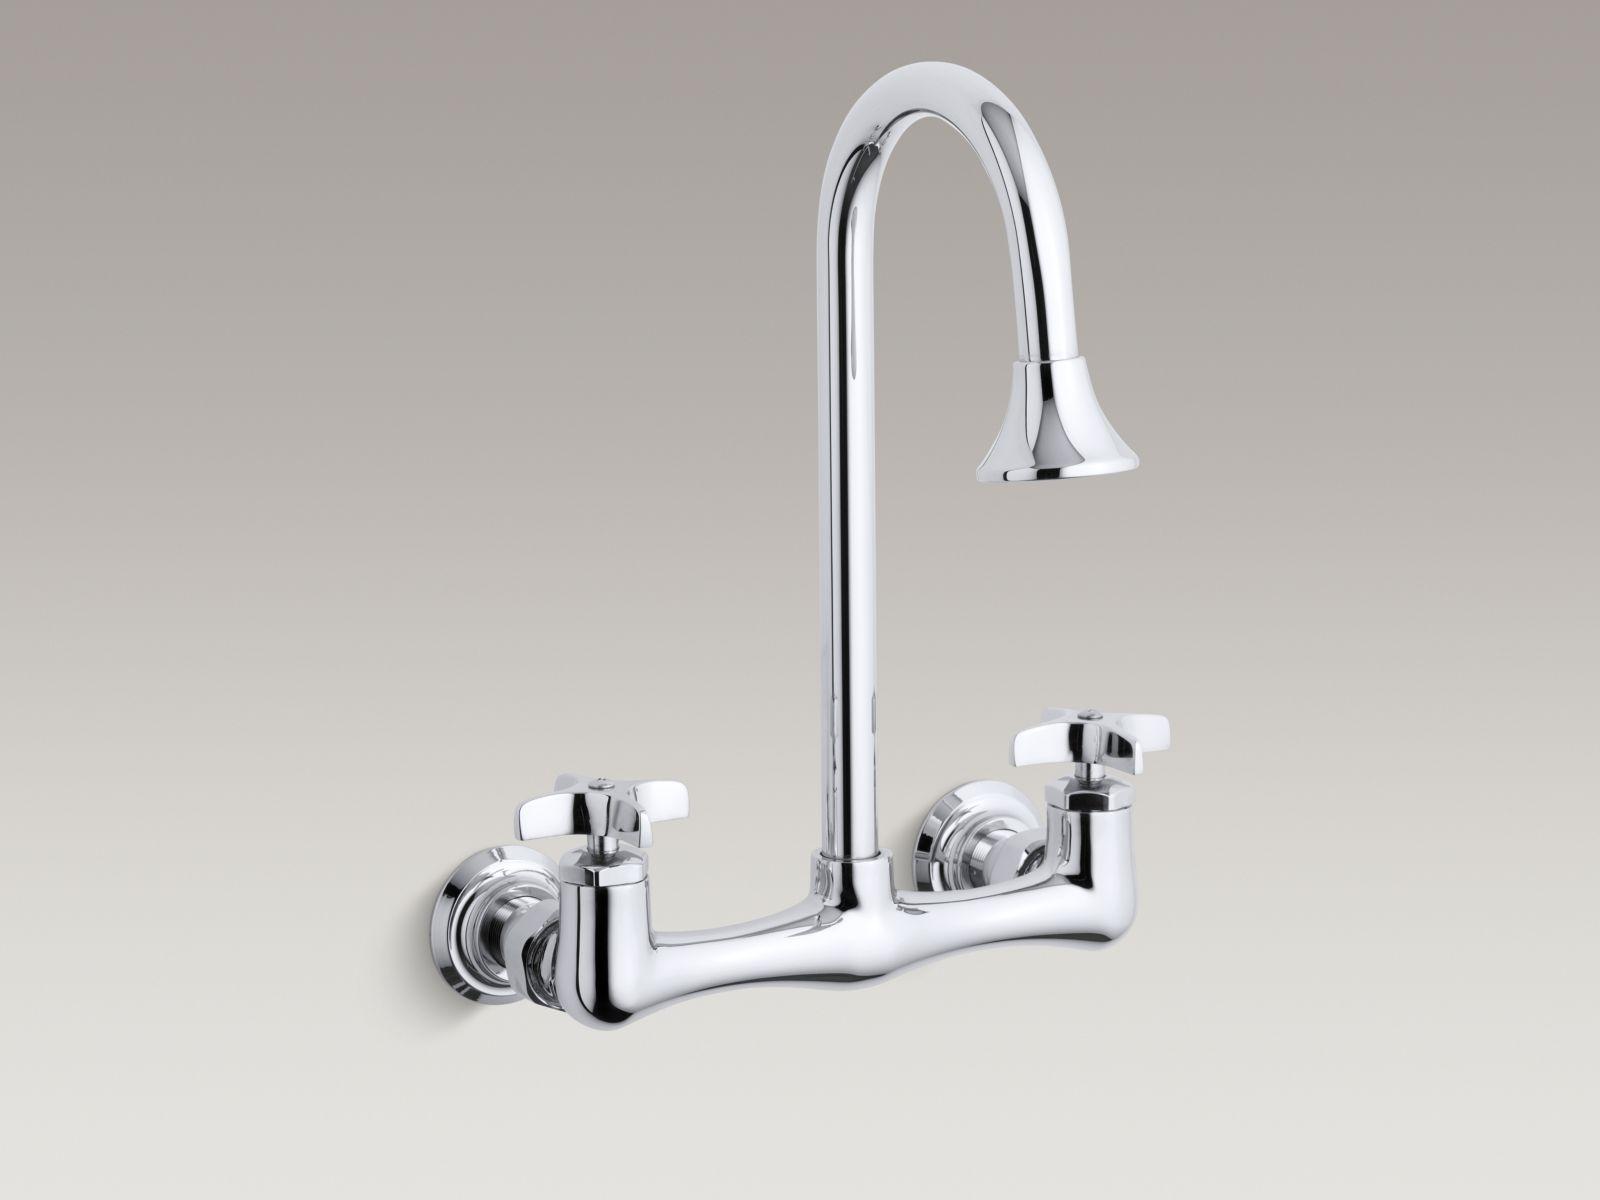 Ideas, kohler wall mount faucet purist kohler wall mount faucet purist buyplumbing category wall mount faucet 1600 x 1200  .